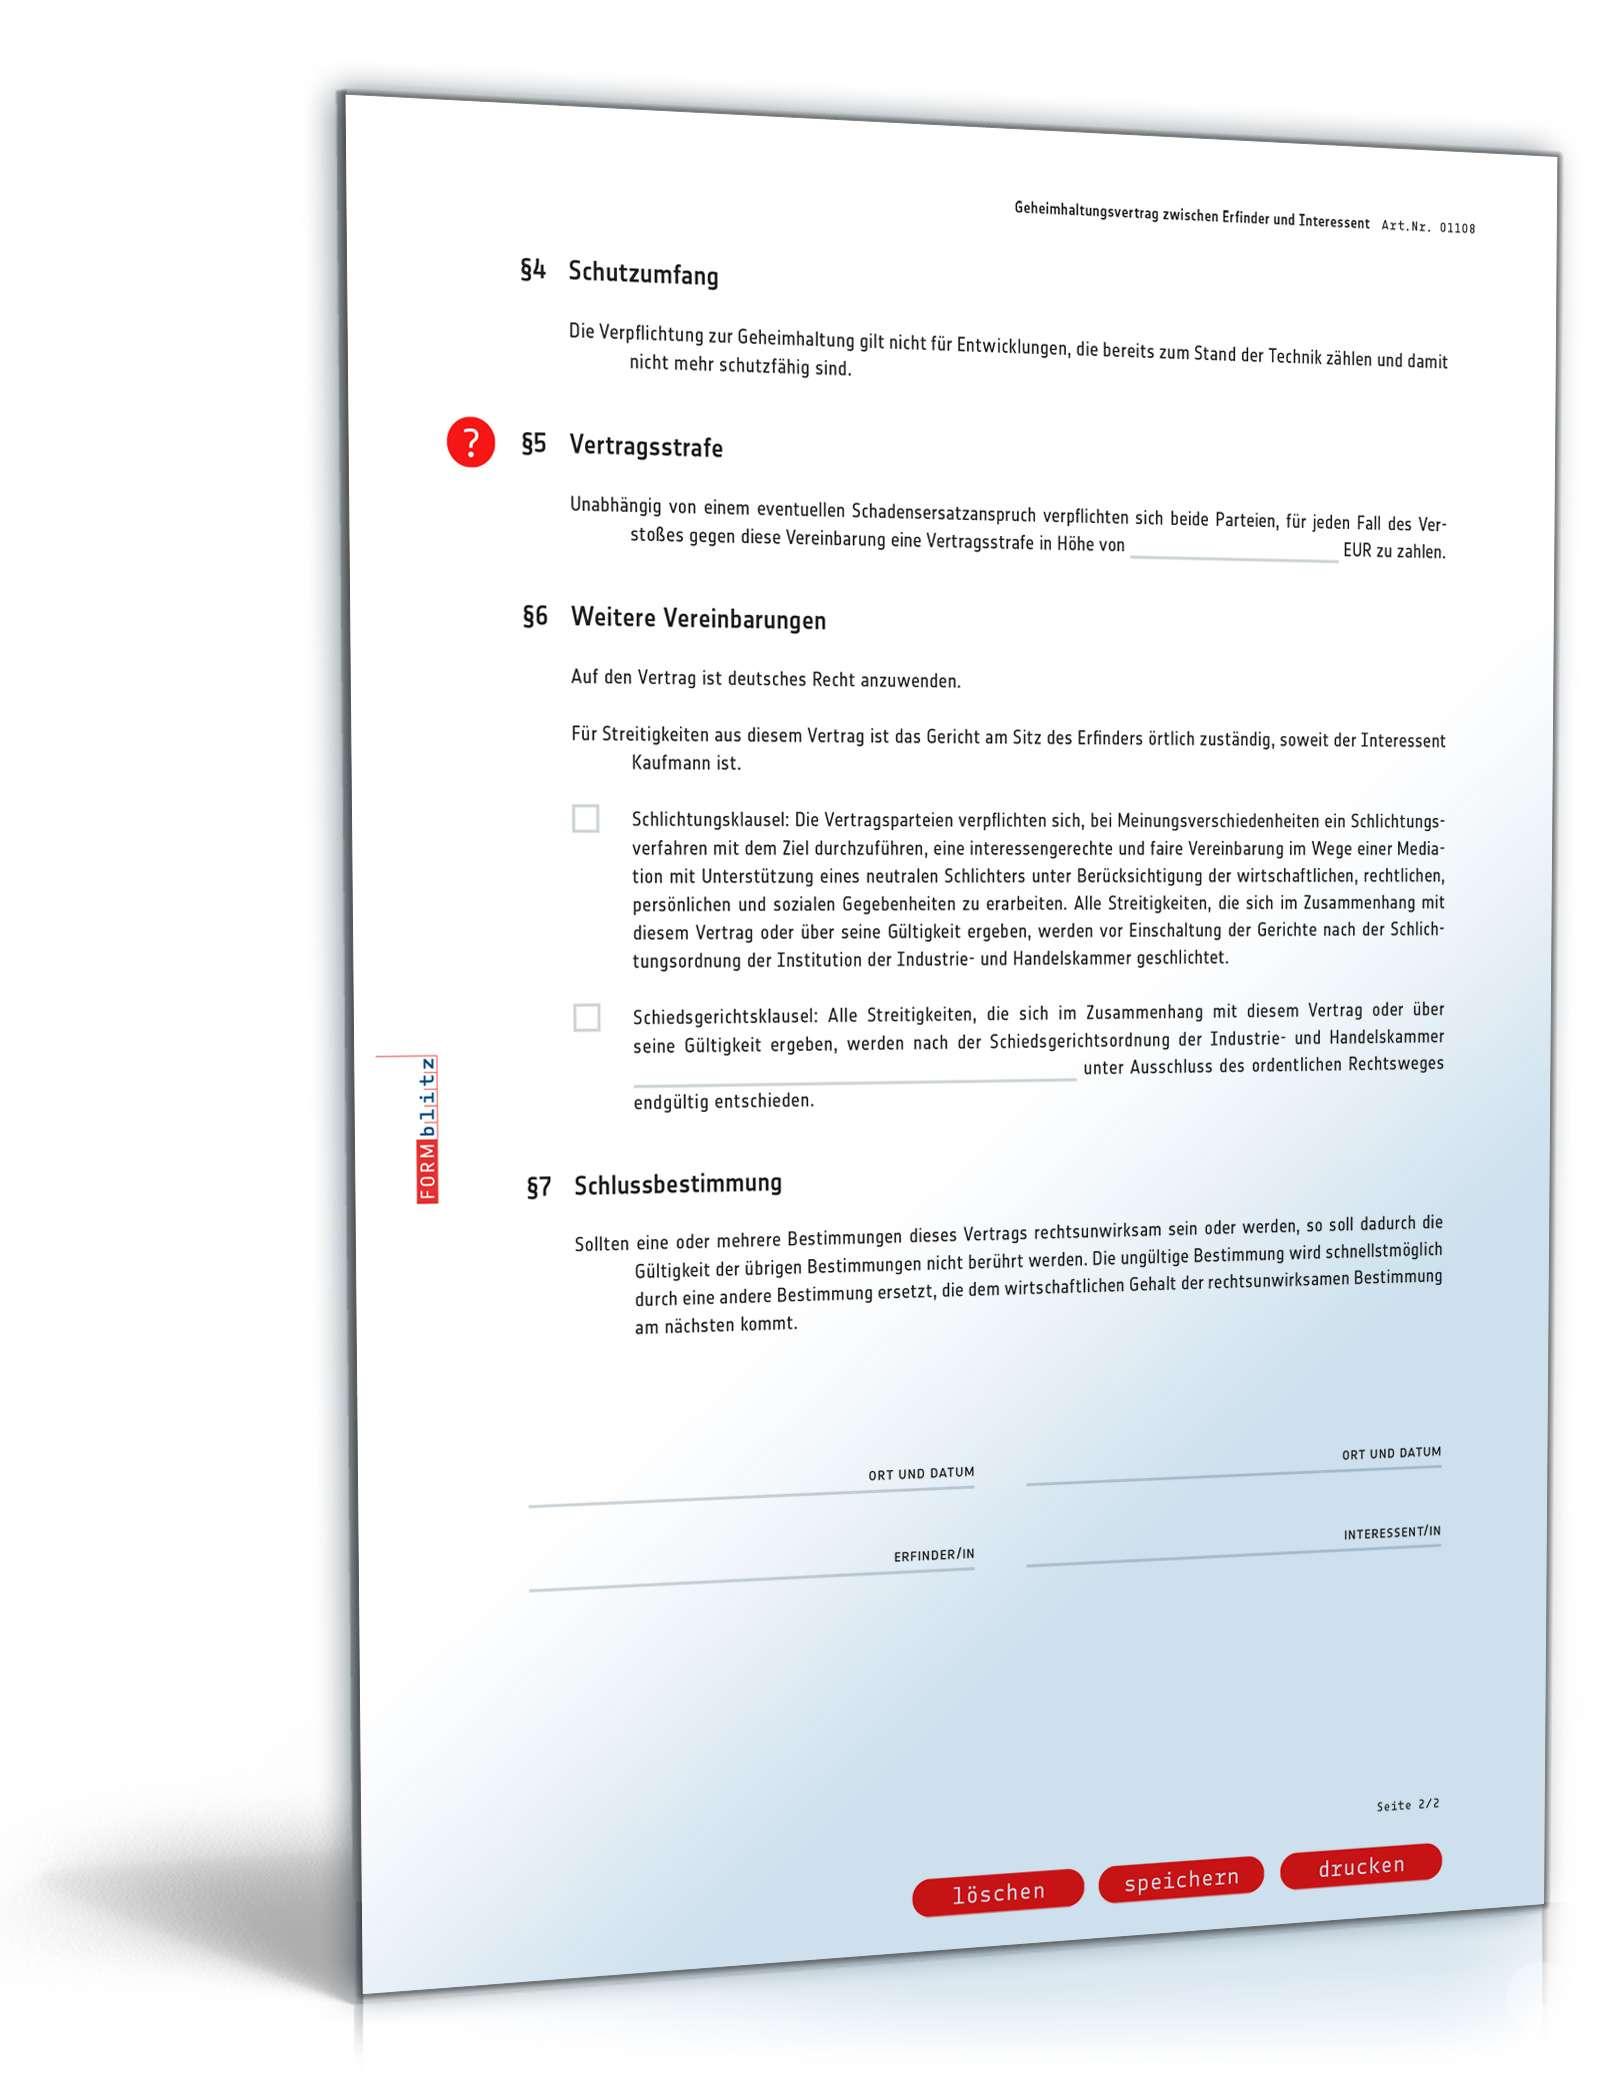 Muster Geheimhaltungsvereinbarung zwischen Erfinder & Unternehmen